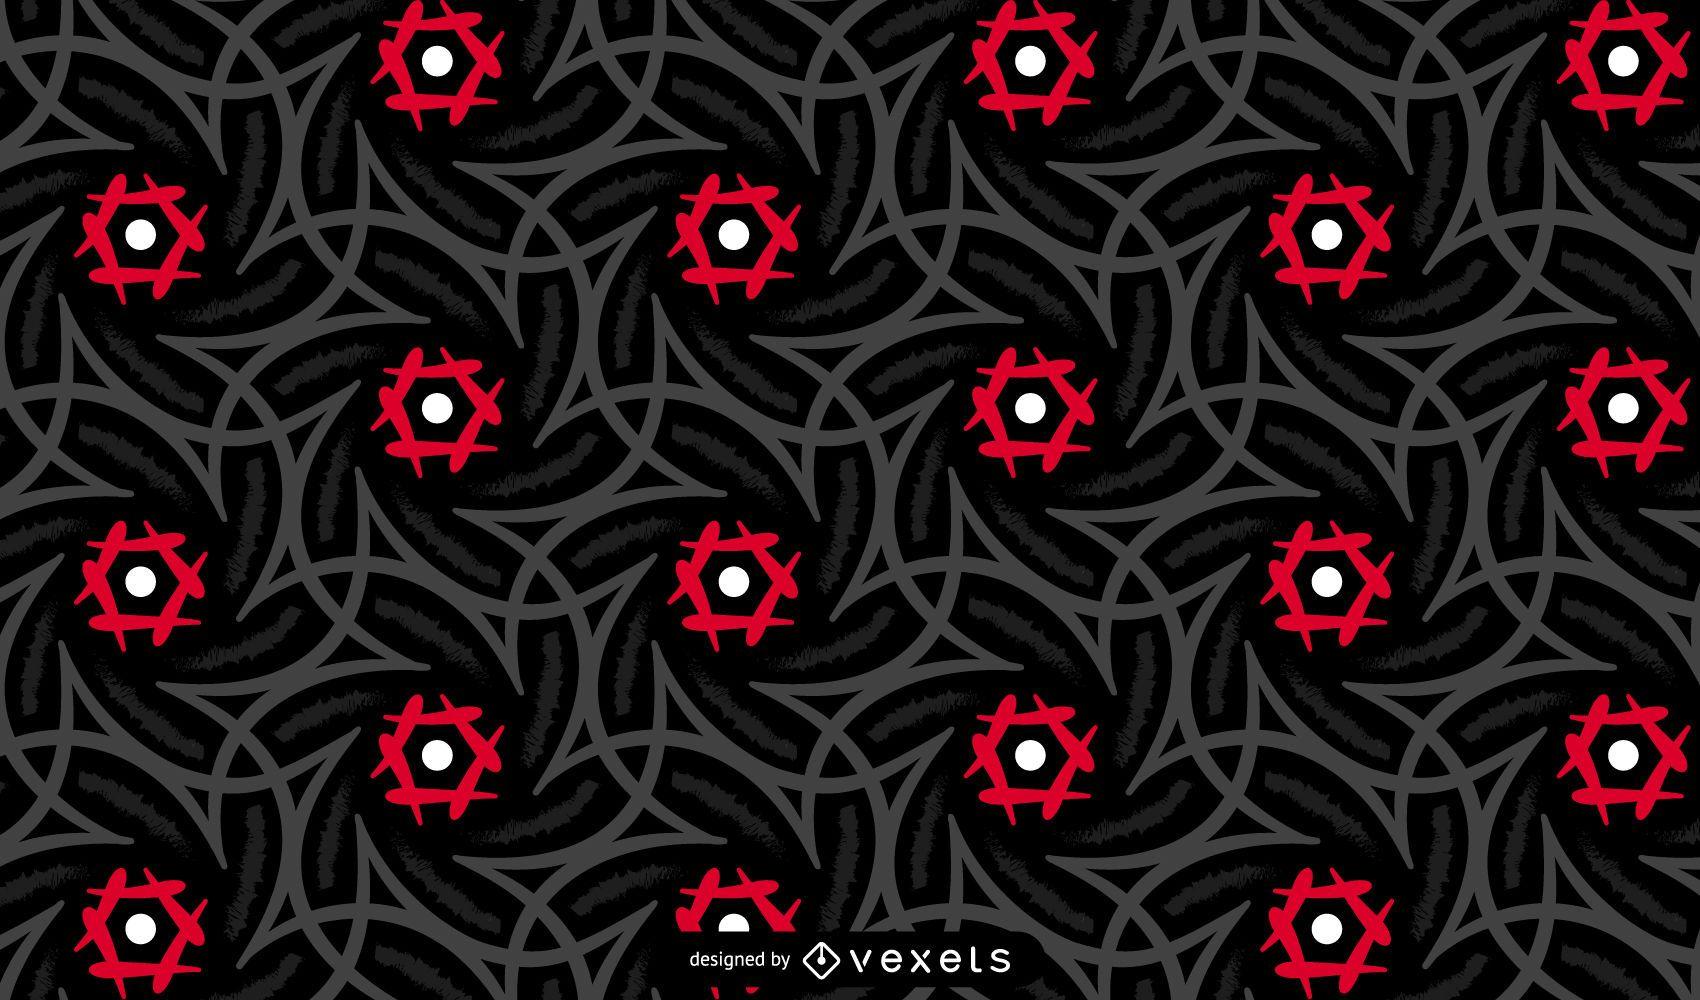 Diseño de patrón tribal oscuro